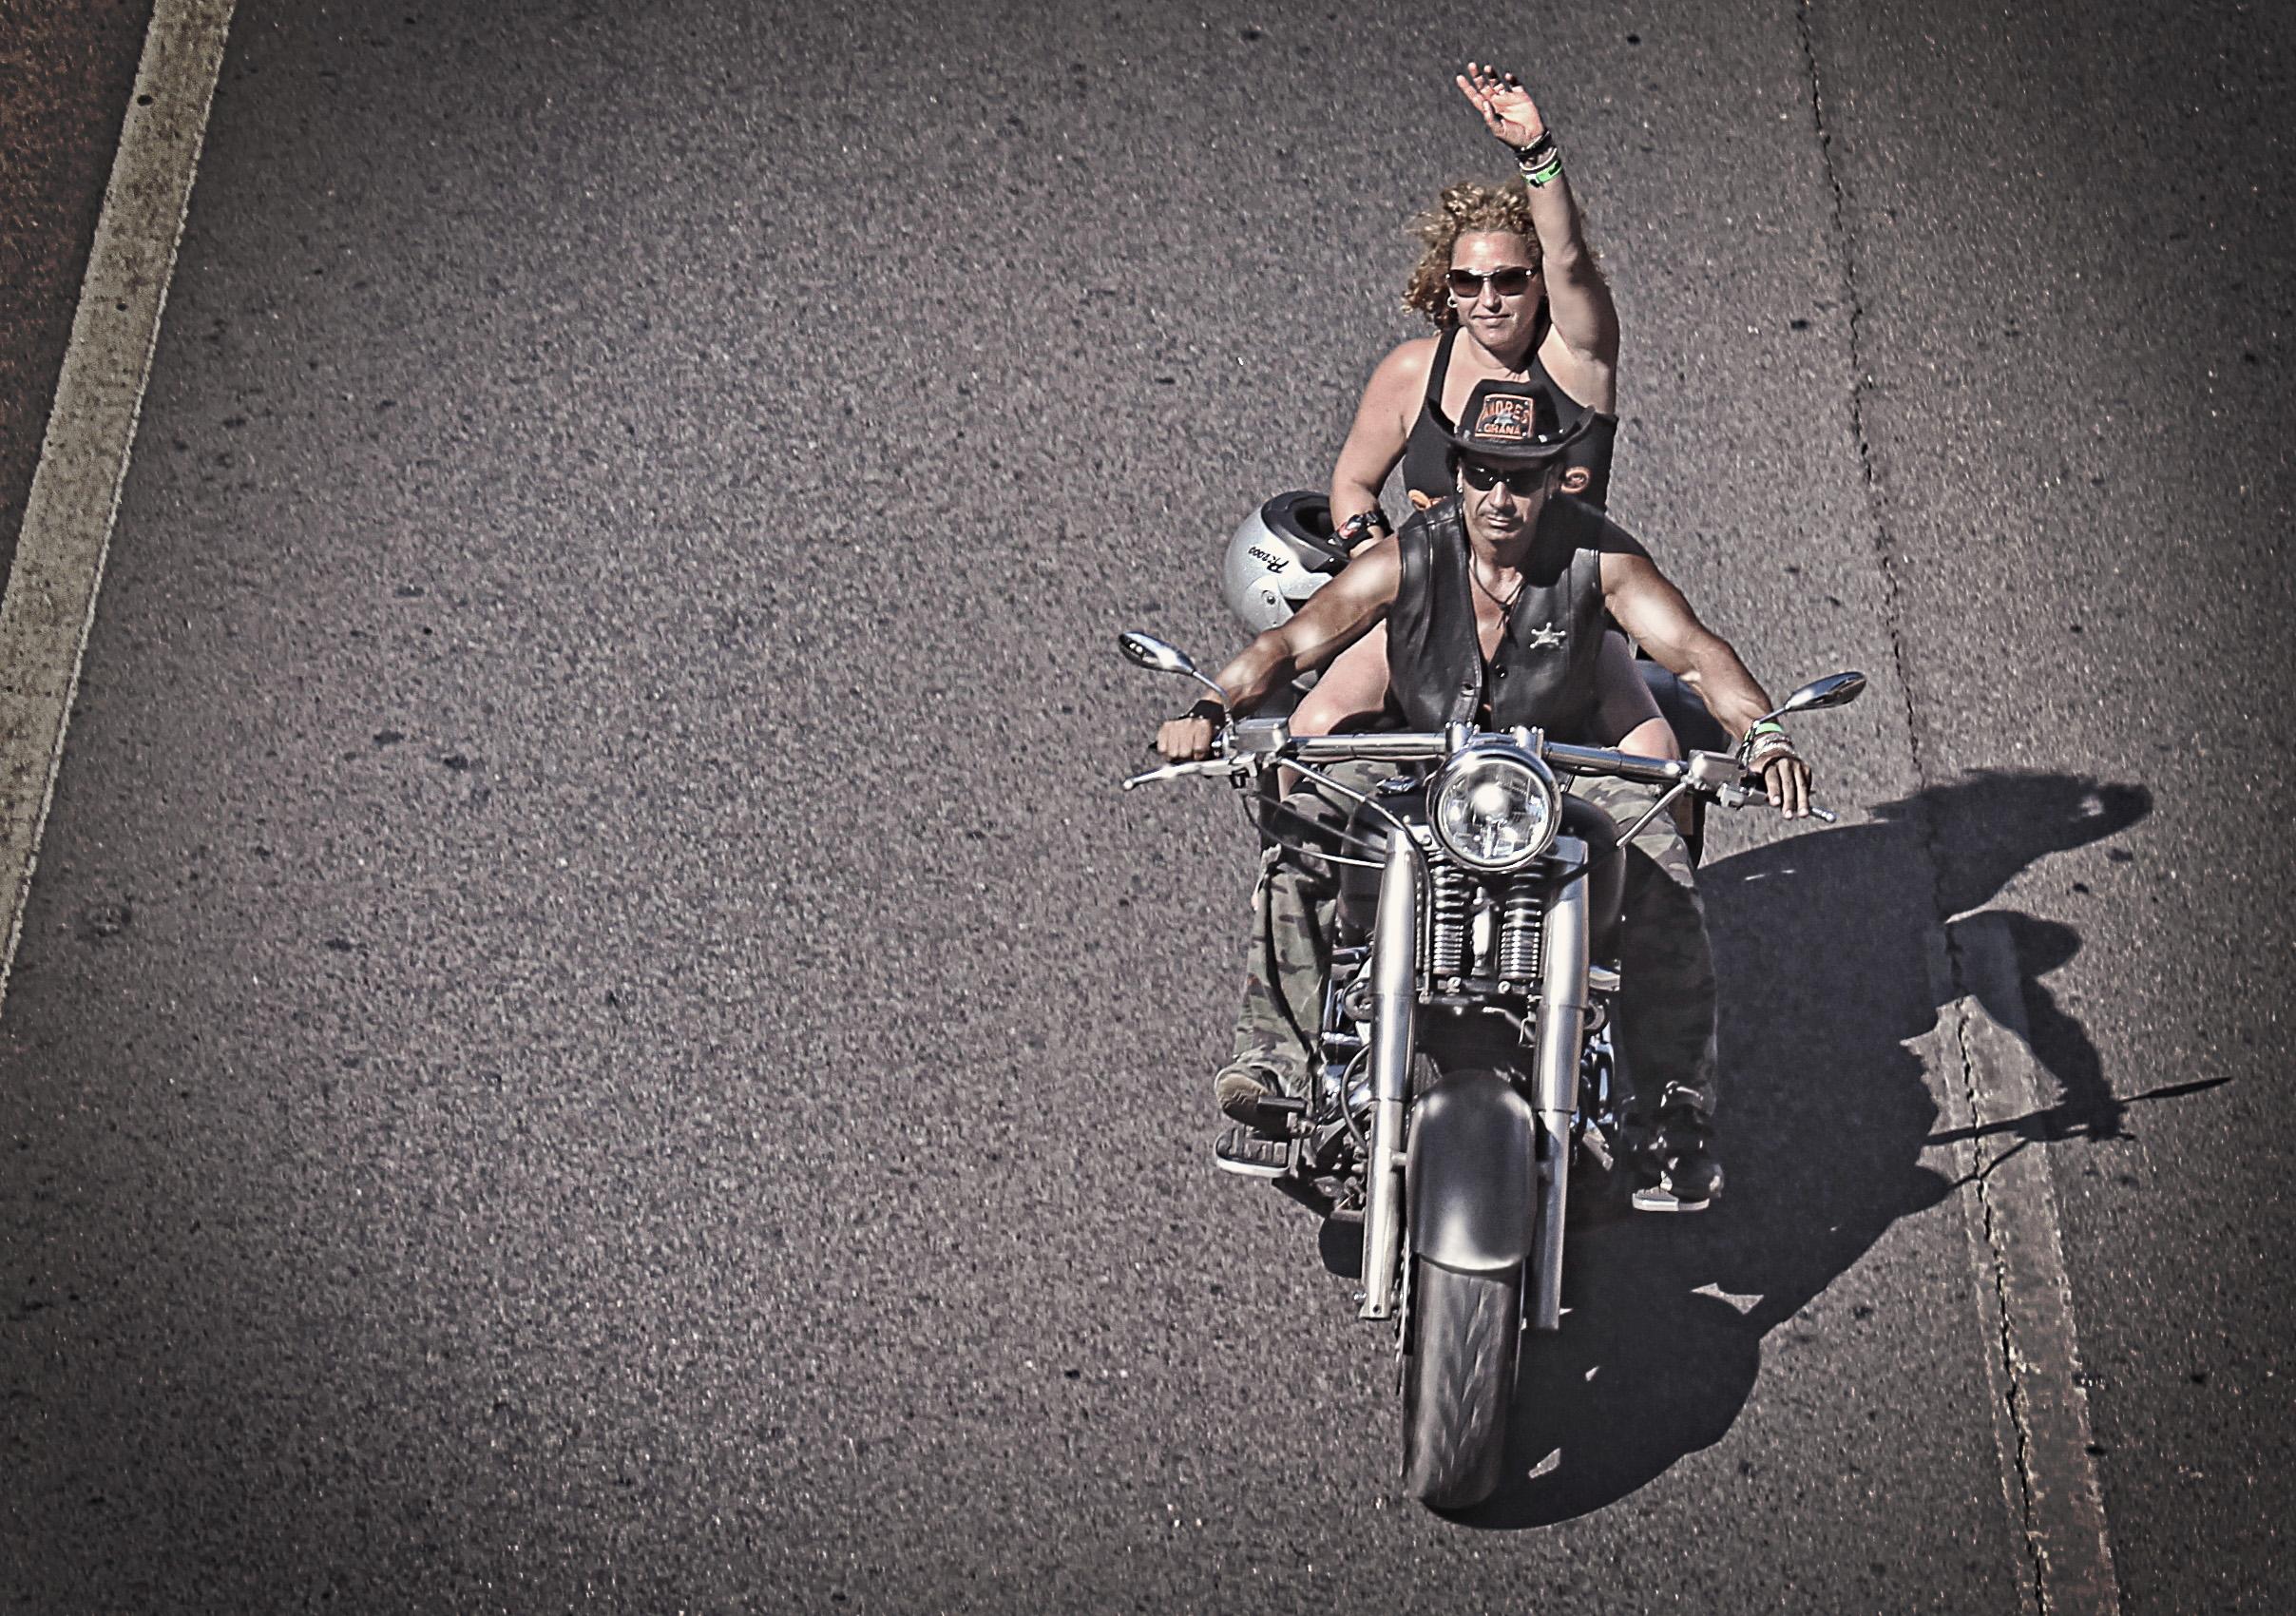 Biker waving on a chopper bike photo